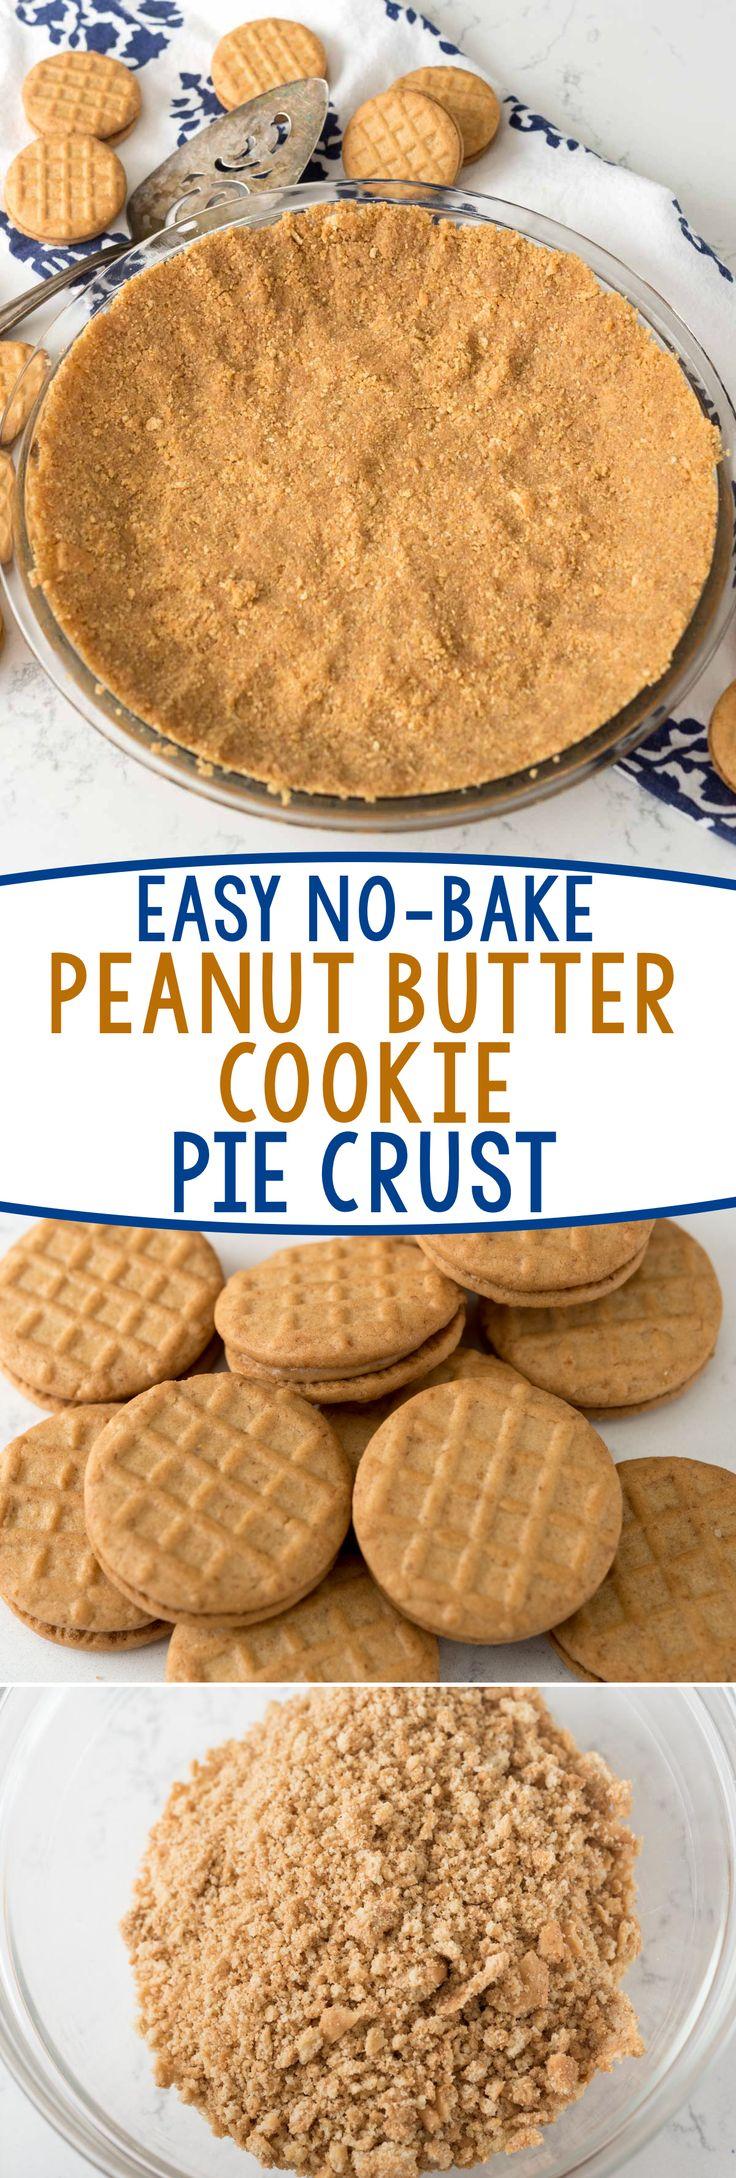 Gemakkelijk No-Bake Peanut Butter Cookie Korst - deze korst recept is perfect voor elke no-bake pie! Gebruik uw favoriete broodje pindakaas koekjes!